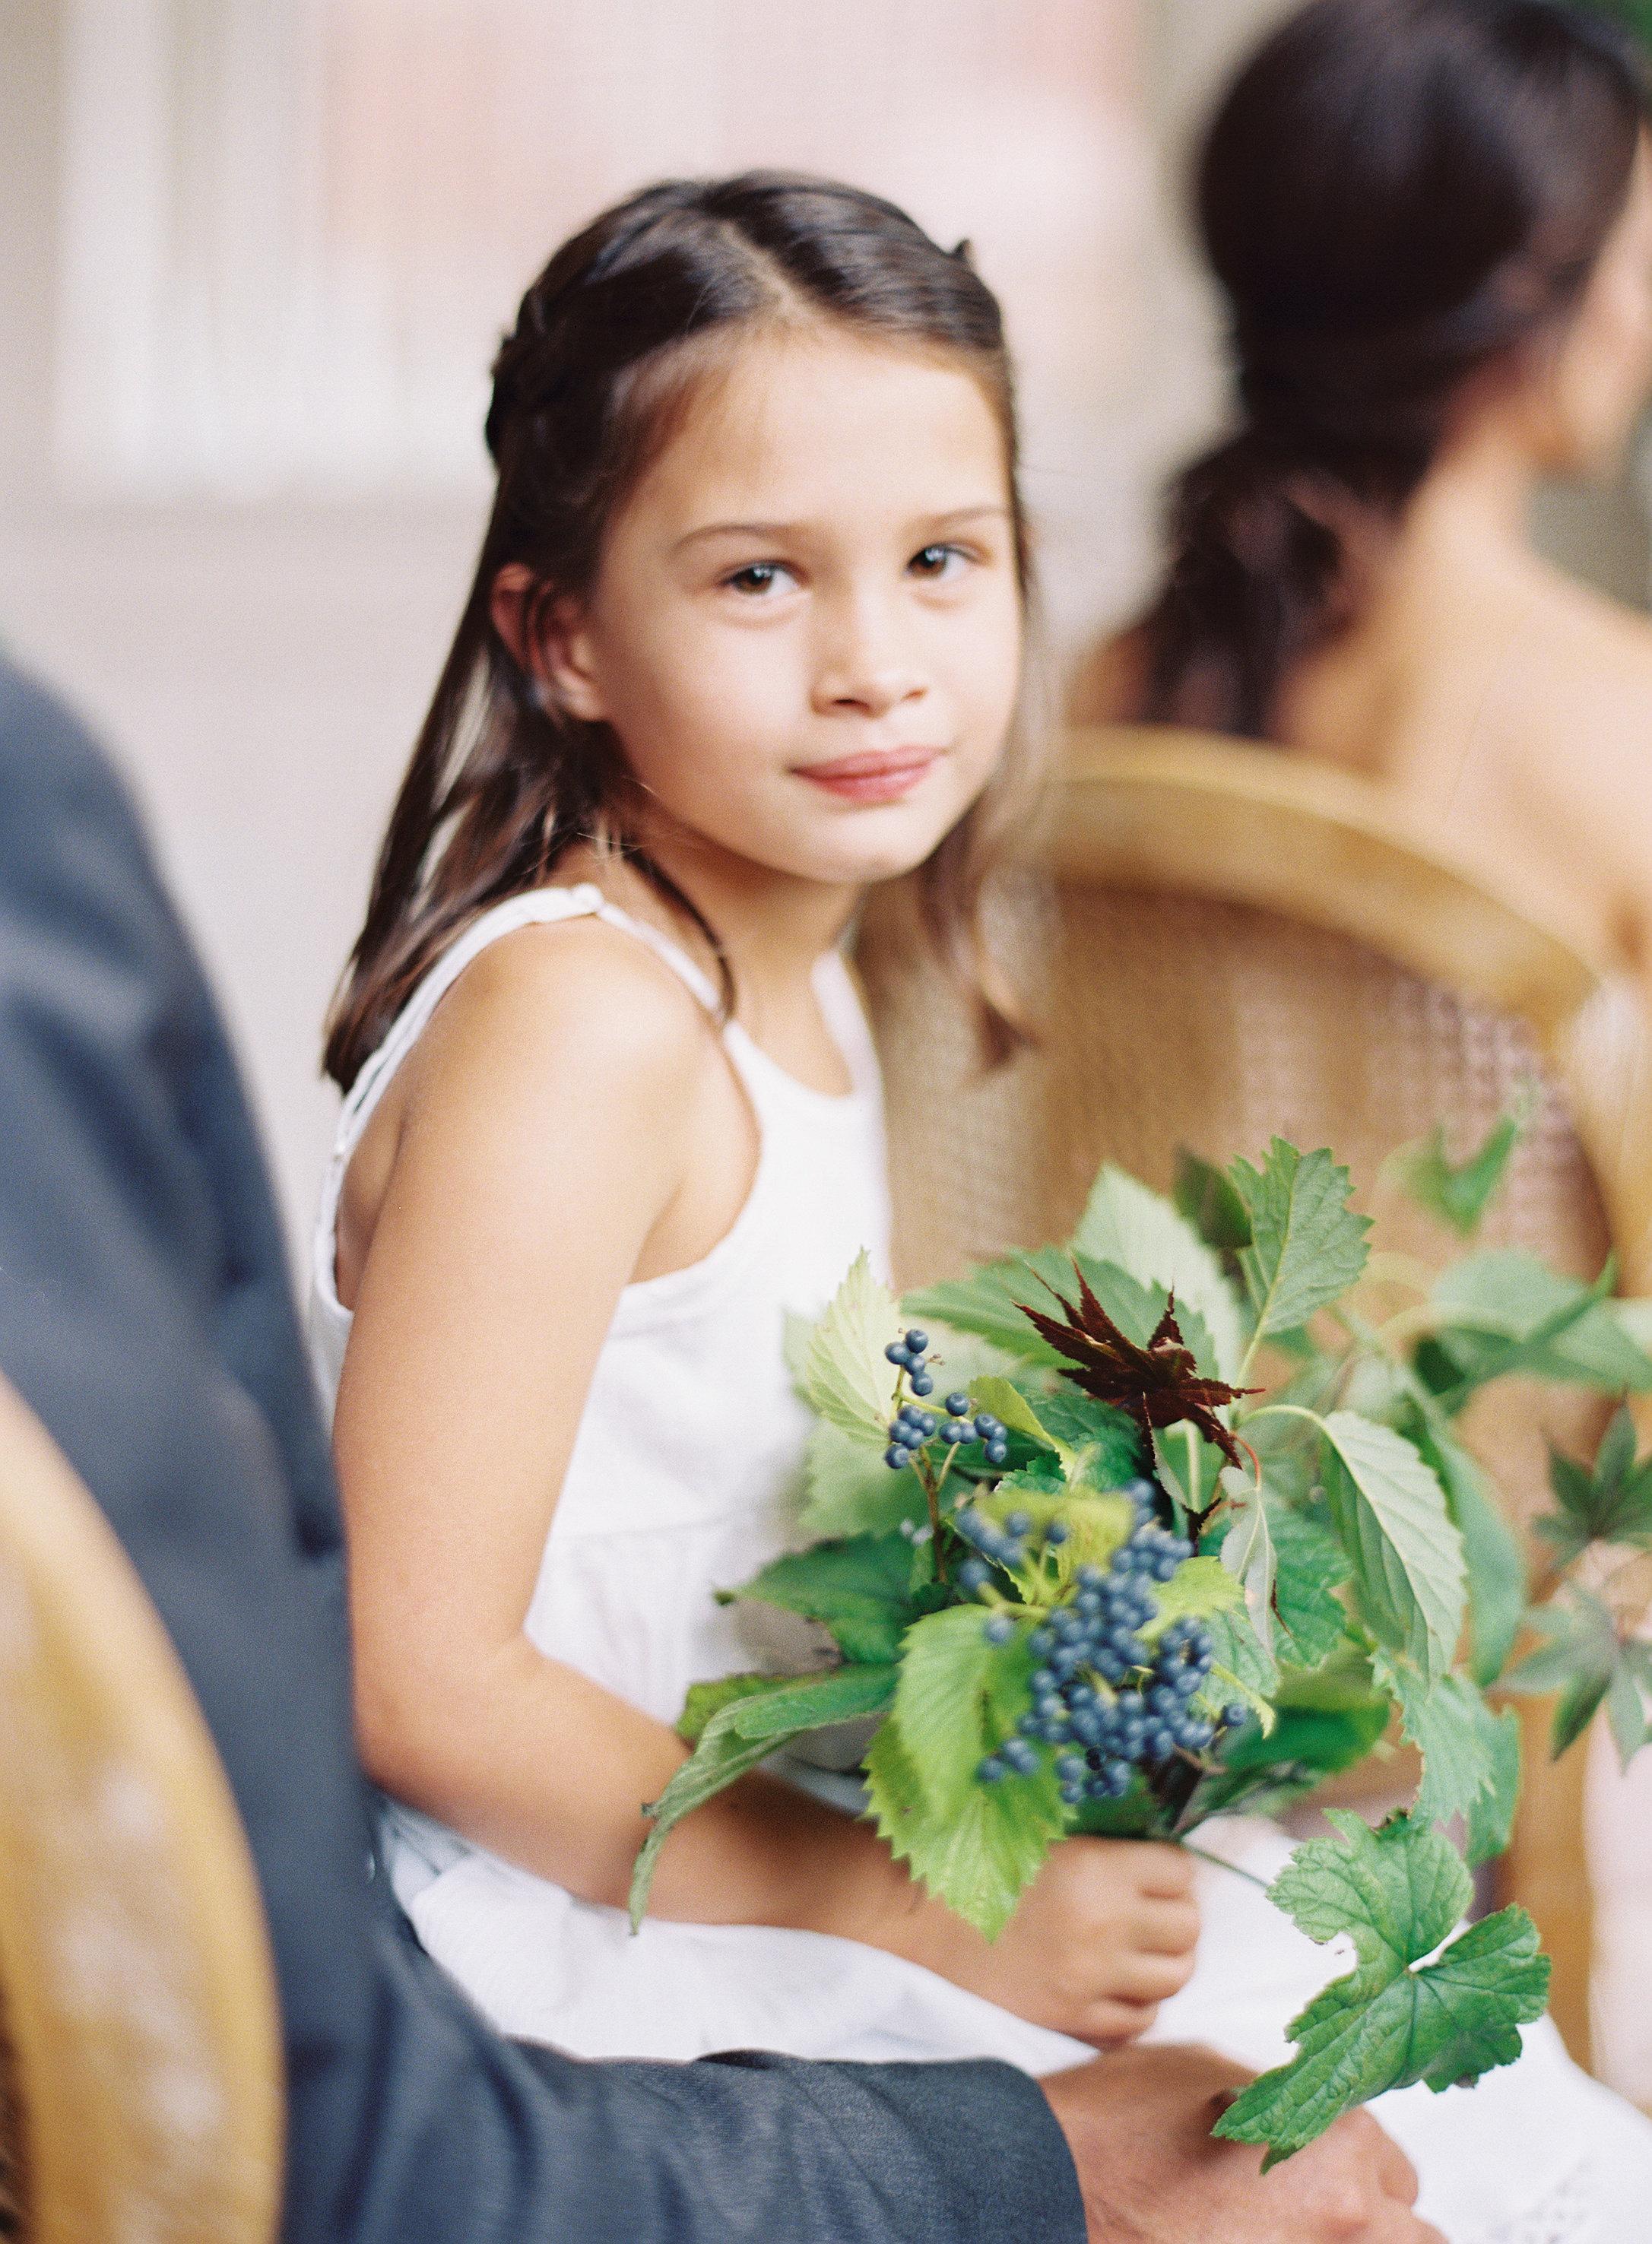 BALTIMORE BRIDE EDITORIAL-BALTIMORE BRIDE EDITORIAL-0114.jpg